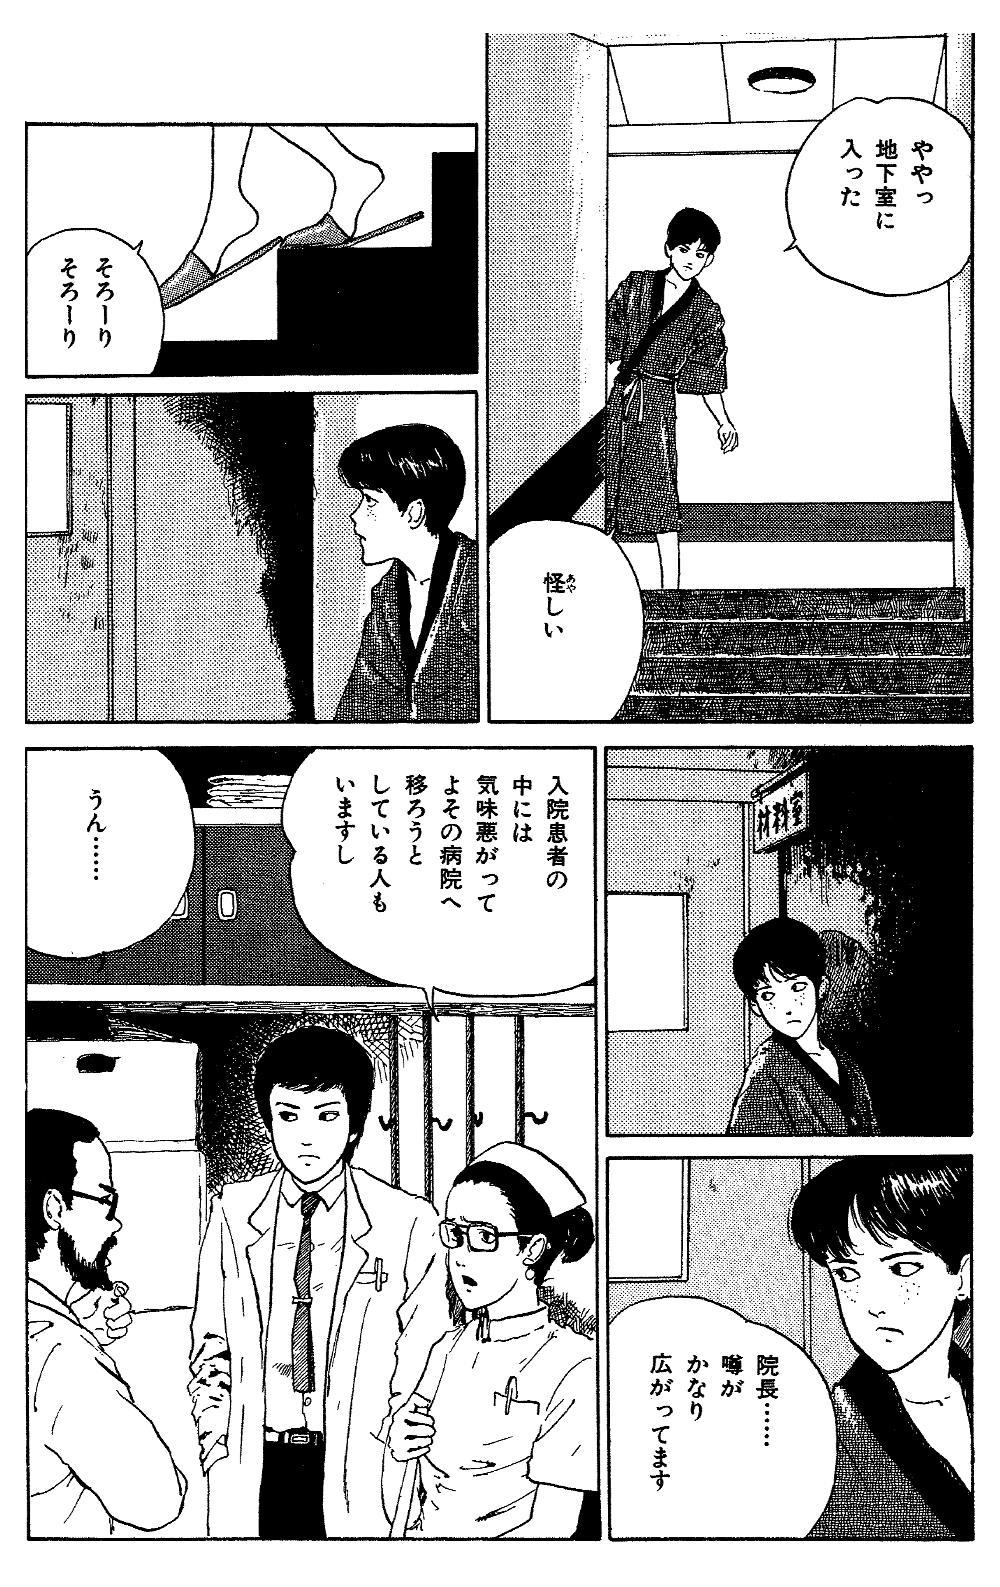 伊藤潤二傑作集 第3話「富江 地下室」①junji06-05.jpg